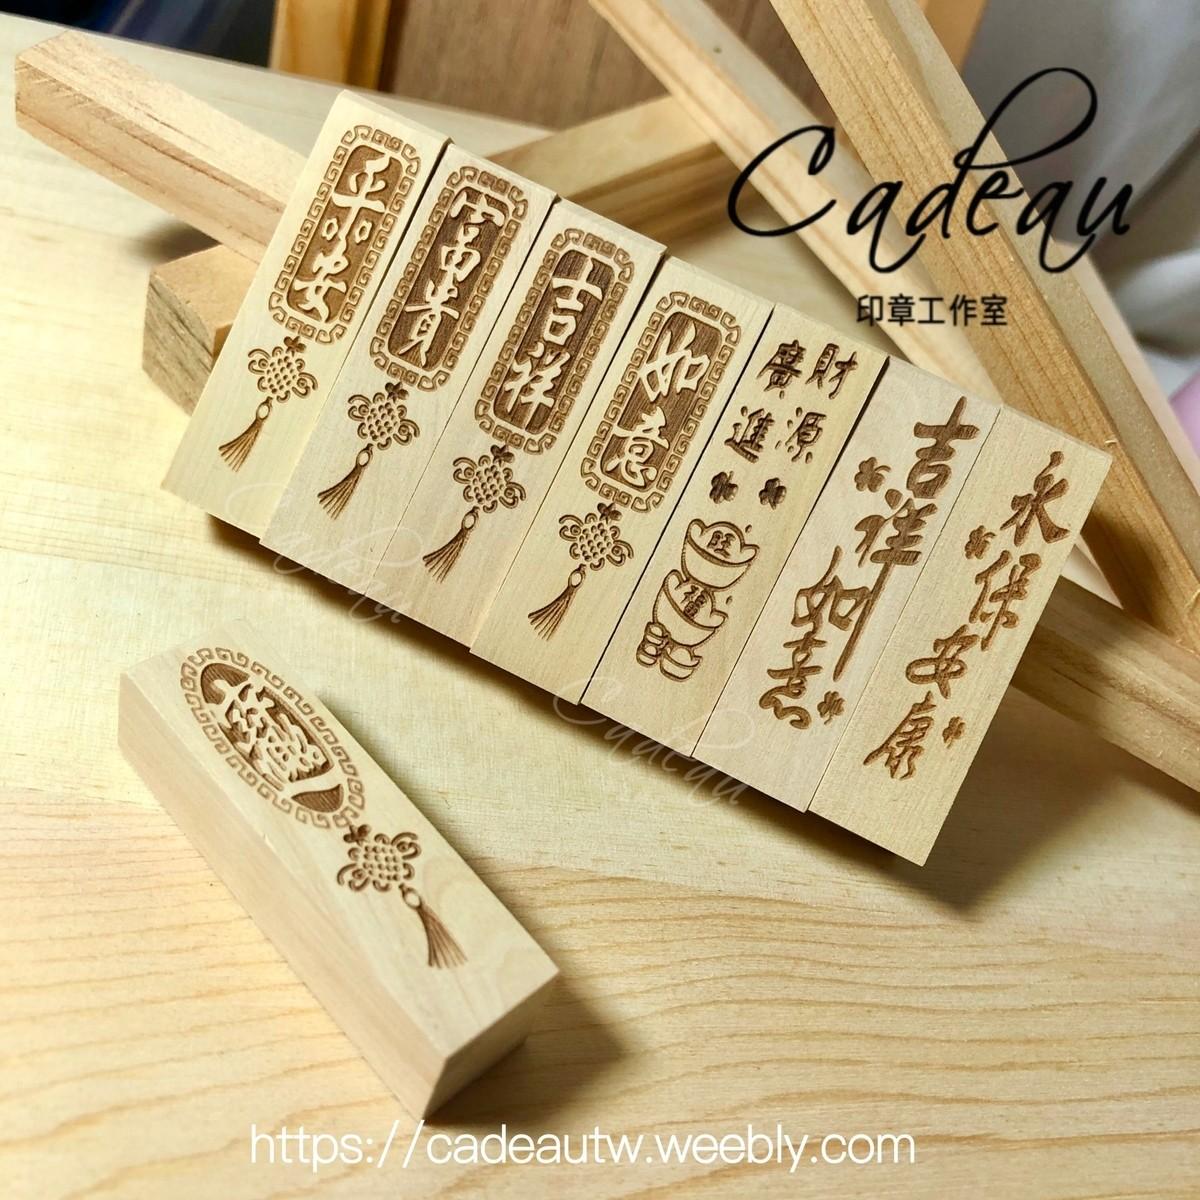 Cadeau 木頭便章 含刻附蓋子 四分方印章 木頭印章 方便章